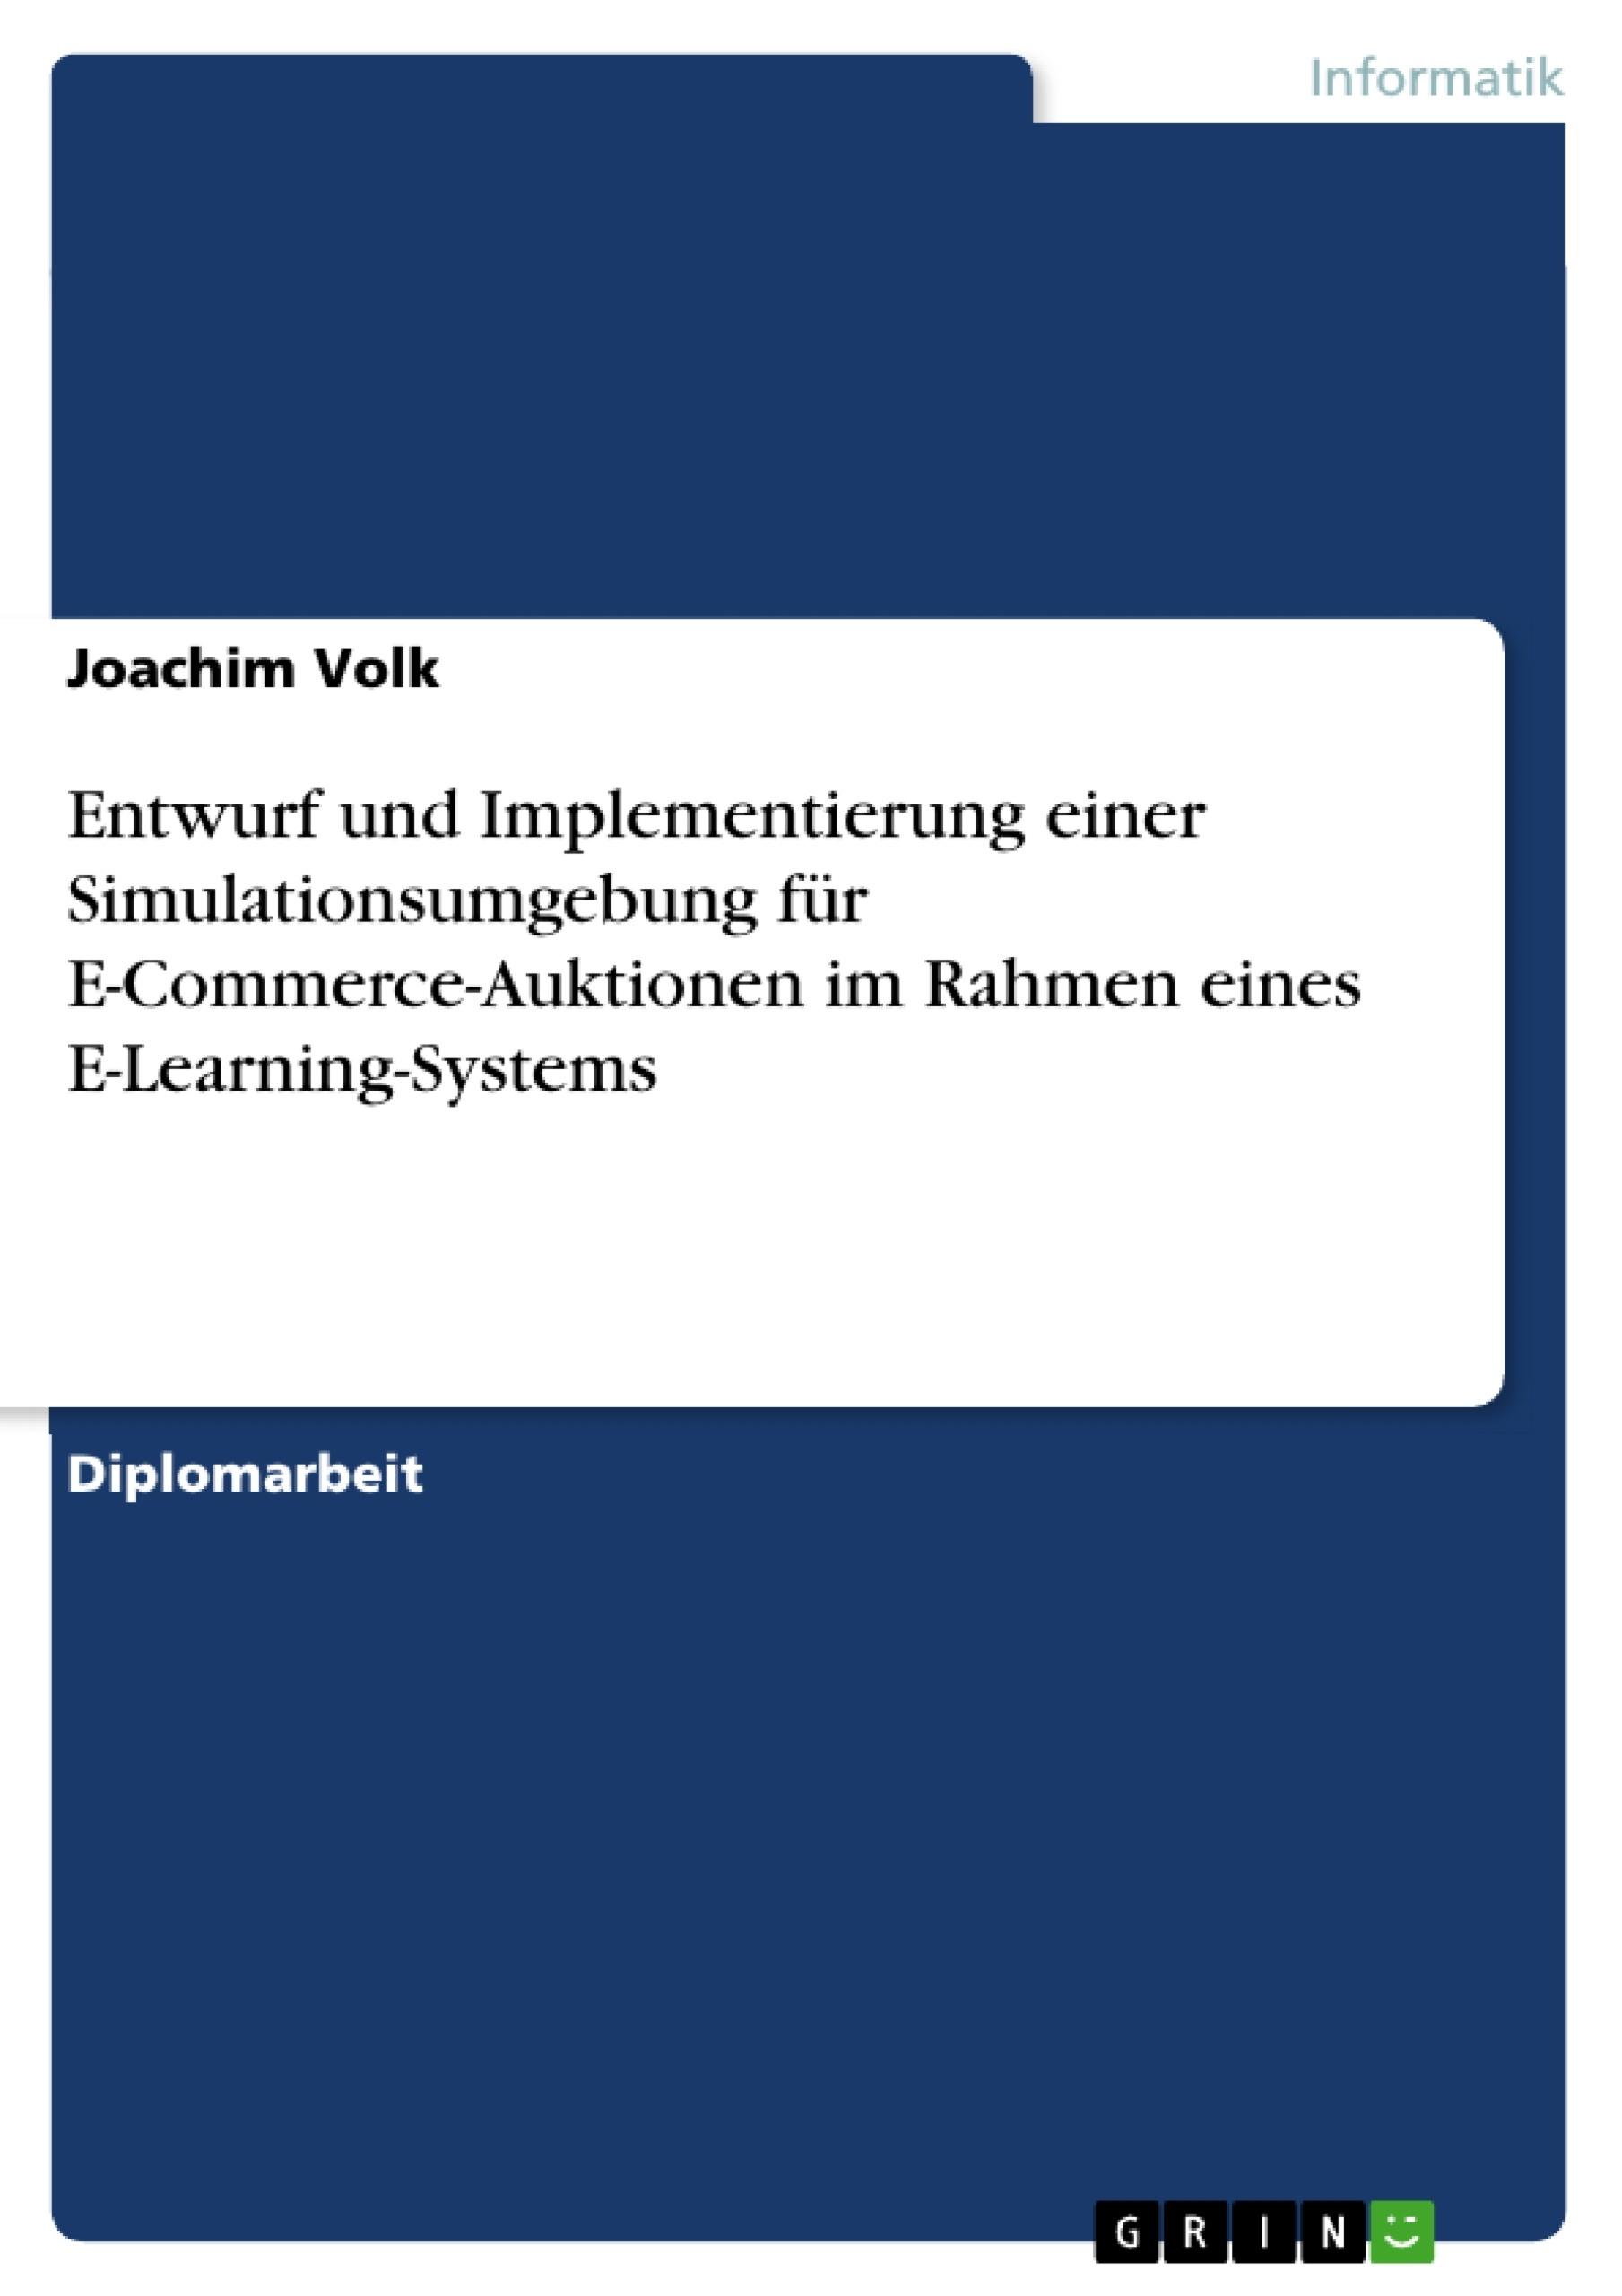 Titel: Entwurf und Implementierung einer Simulationsumgebung für E-Commerce-Auktionen im Rahmen eines E-Learning-Systems